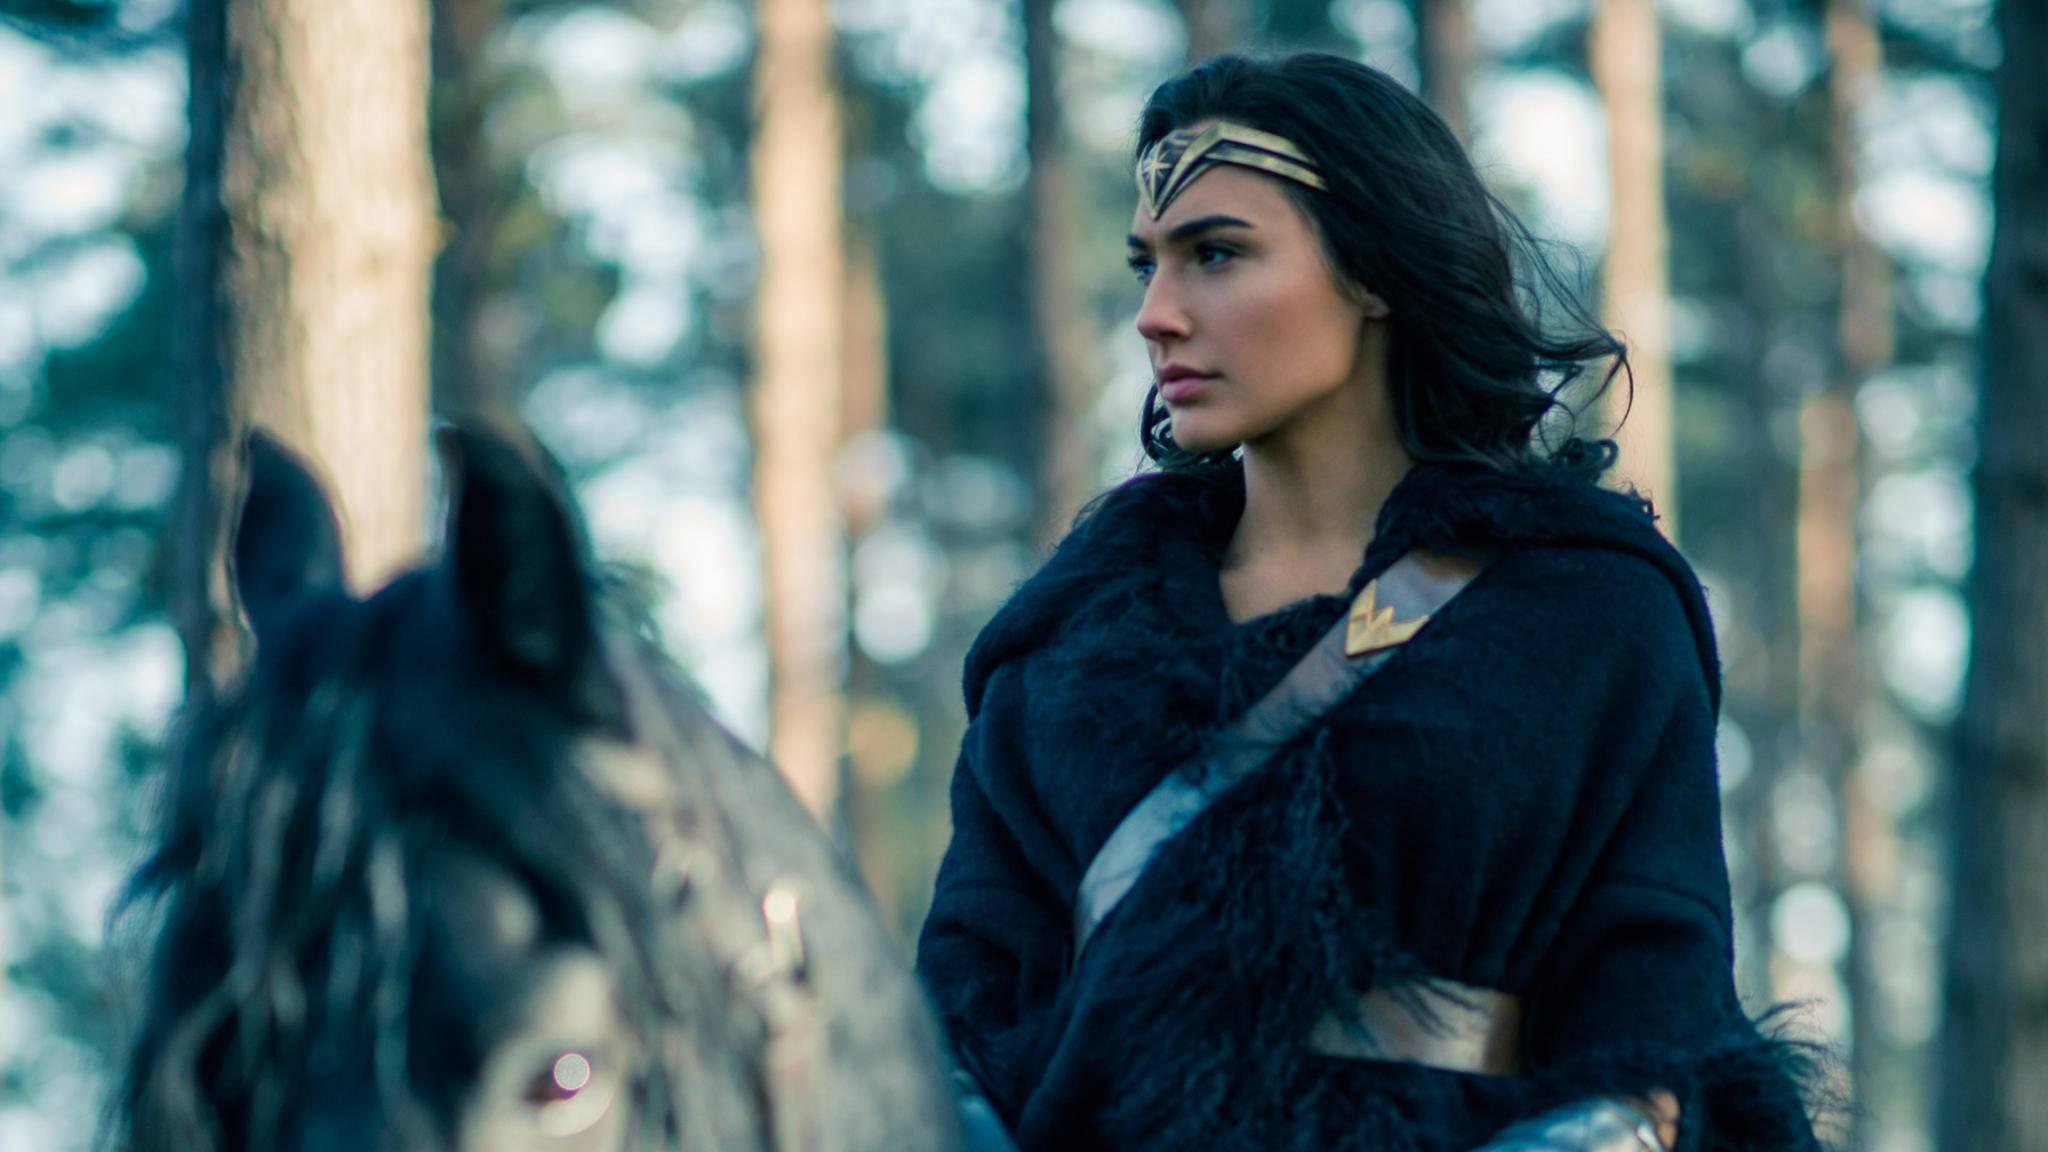 Hätte Patty Jenkins das Casting für Wonder Woman übernommen, wäre Gal Gadot vermutlich nie zur Heldin berufen worden.